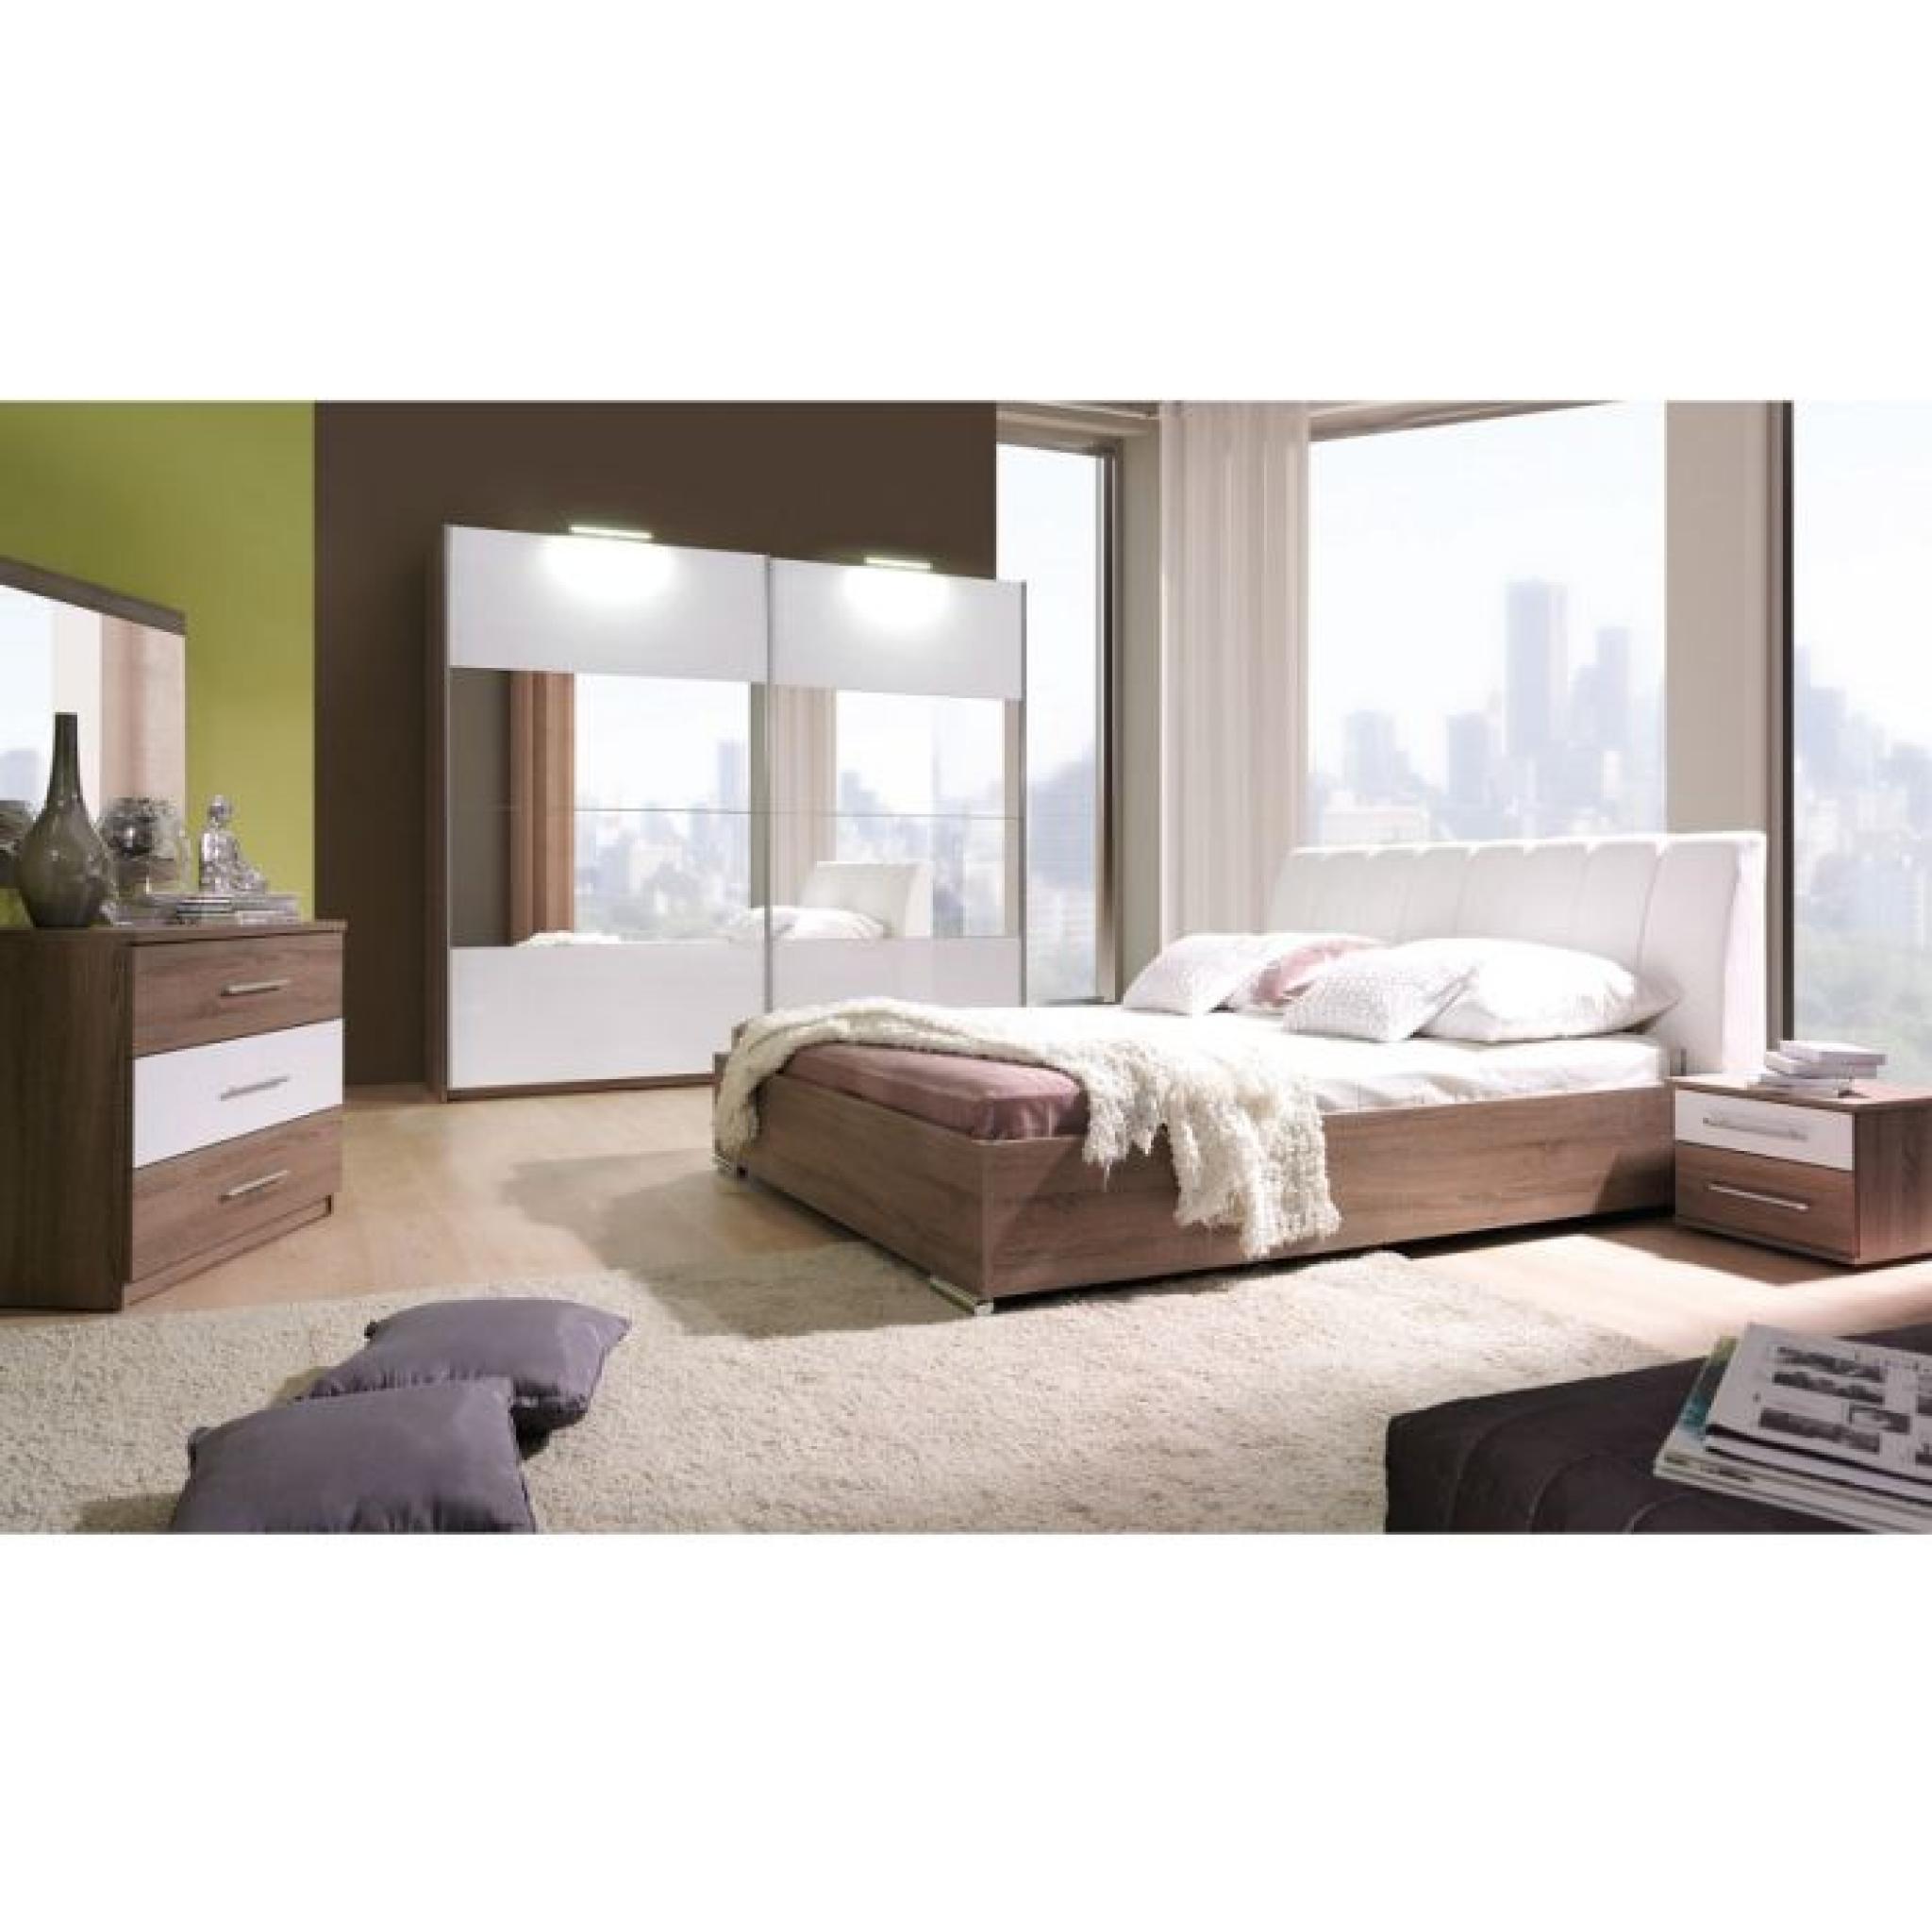 Armoire de chambre a coucher Cali avec miroir 2M - Achat/Vente ...